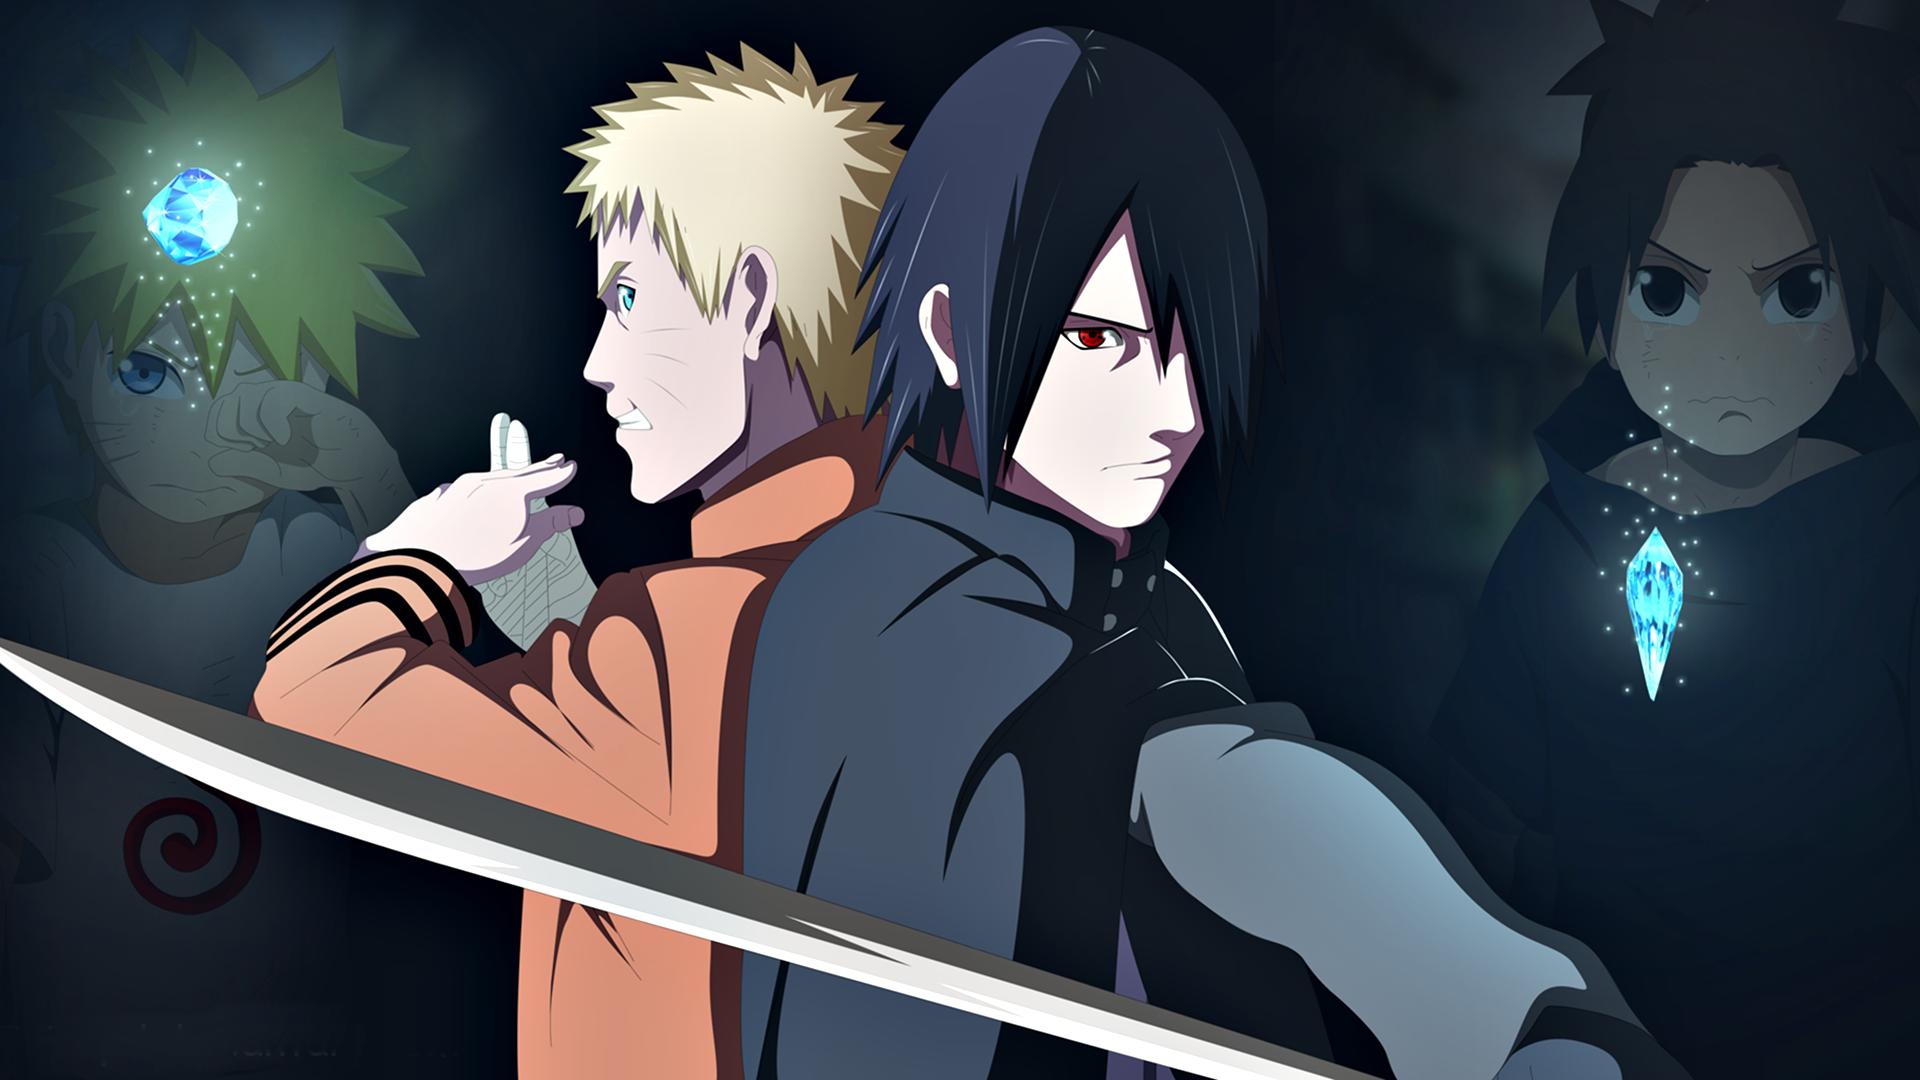 Anime Naruto Naruto Uzumaki Sasuke Uchiha Tapeta Naruto